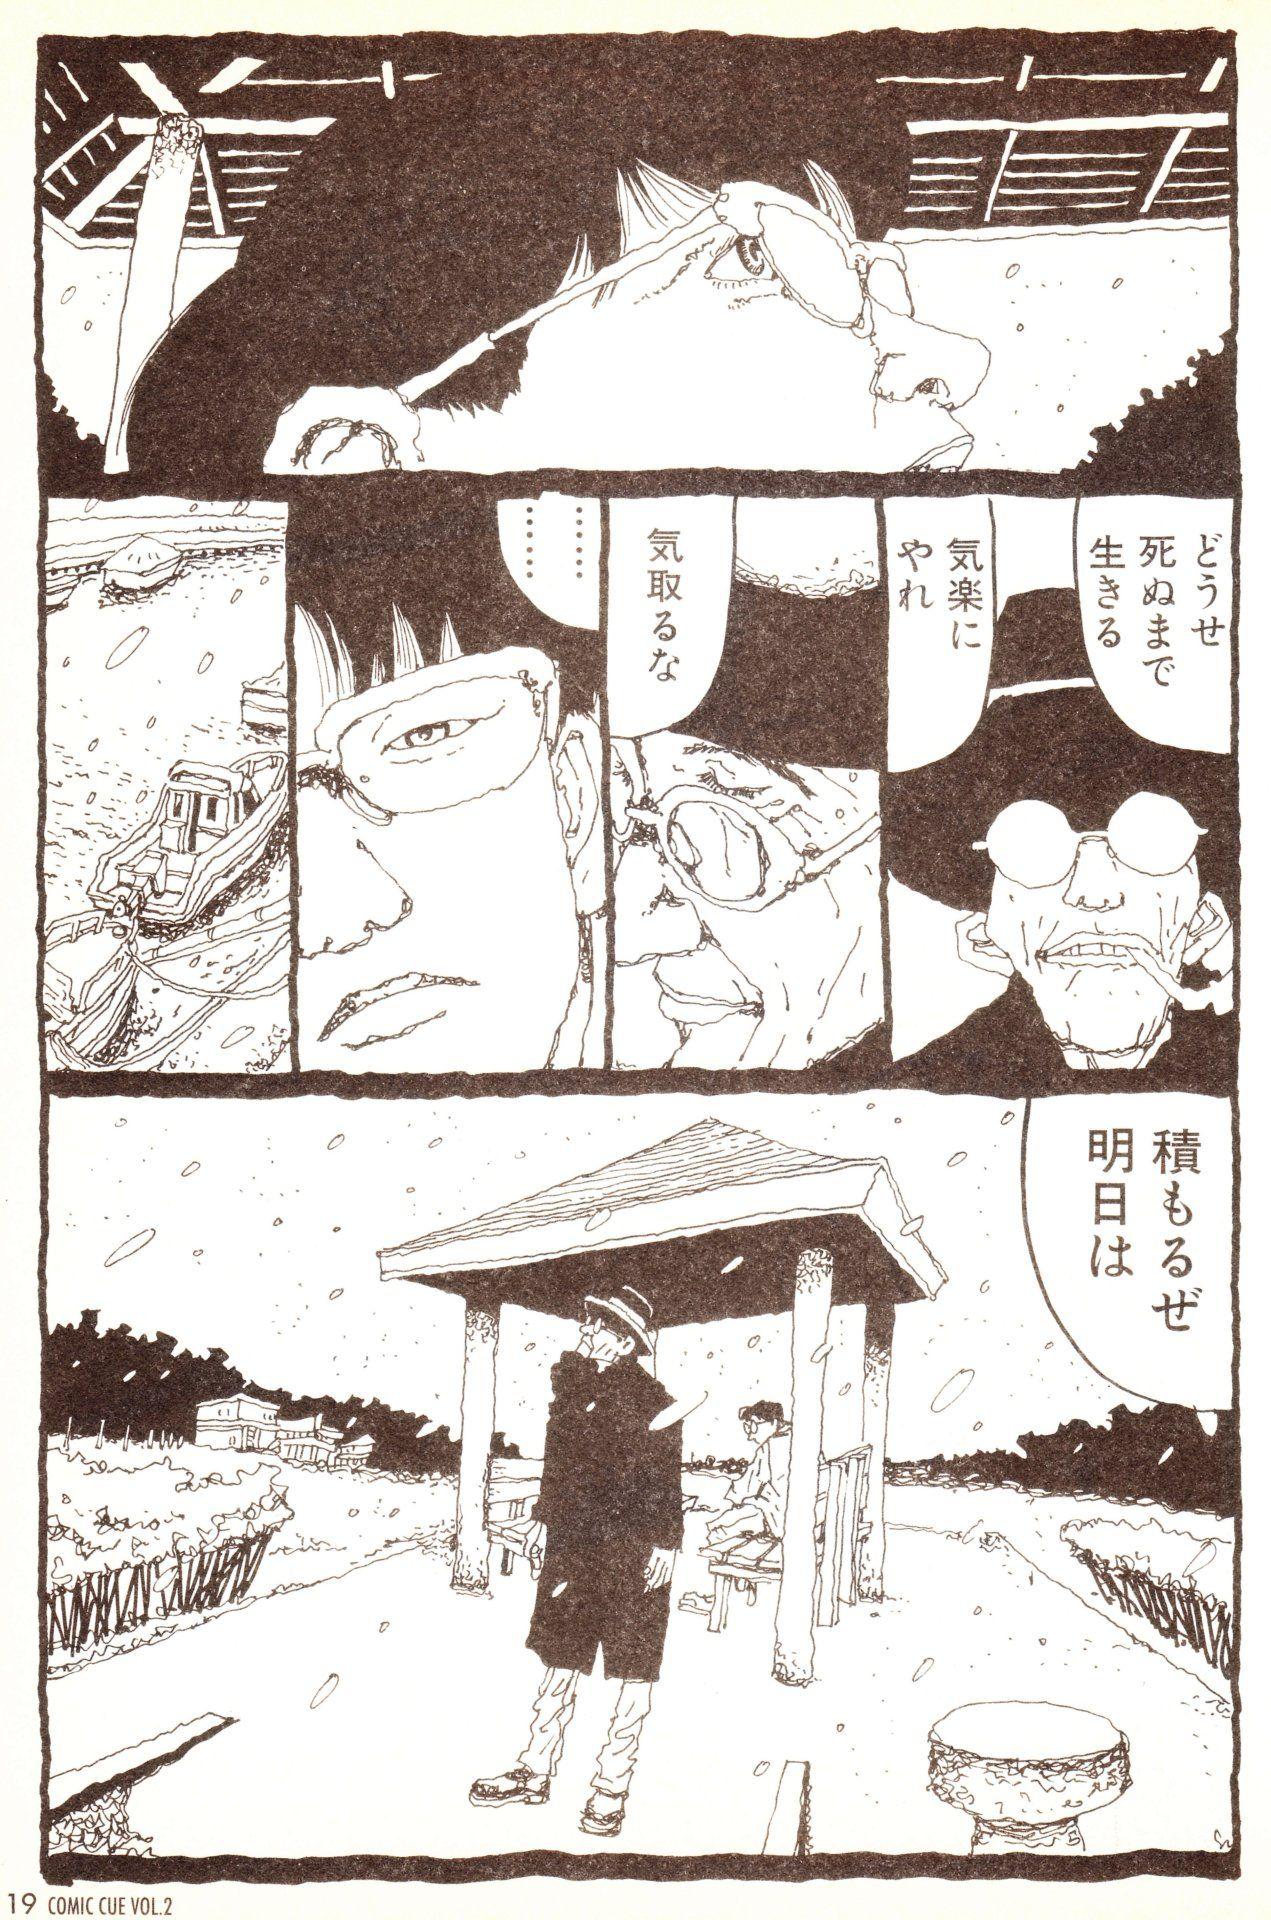 松本大洋 ドラえもん comic cue vol 2 1996 カバー バージョン特集 のび太お兄さんと未来から来たのび太おじさん マンガアート イラスト ダークなアニメ